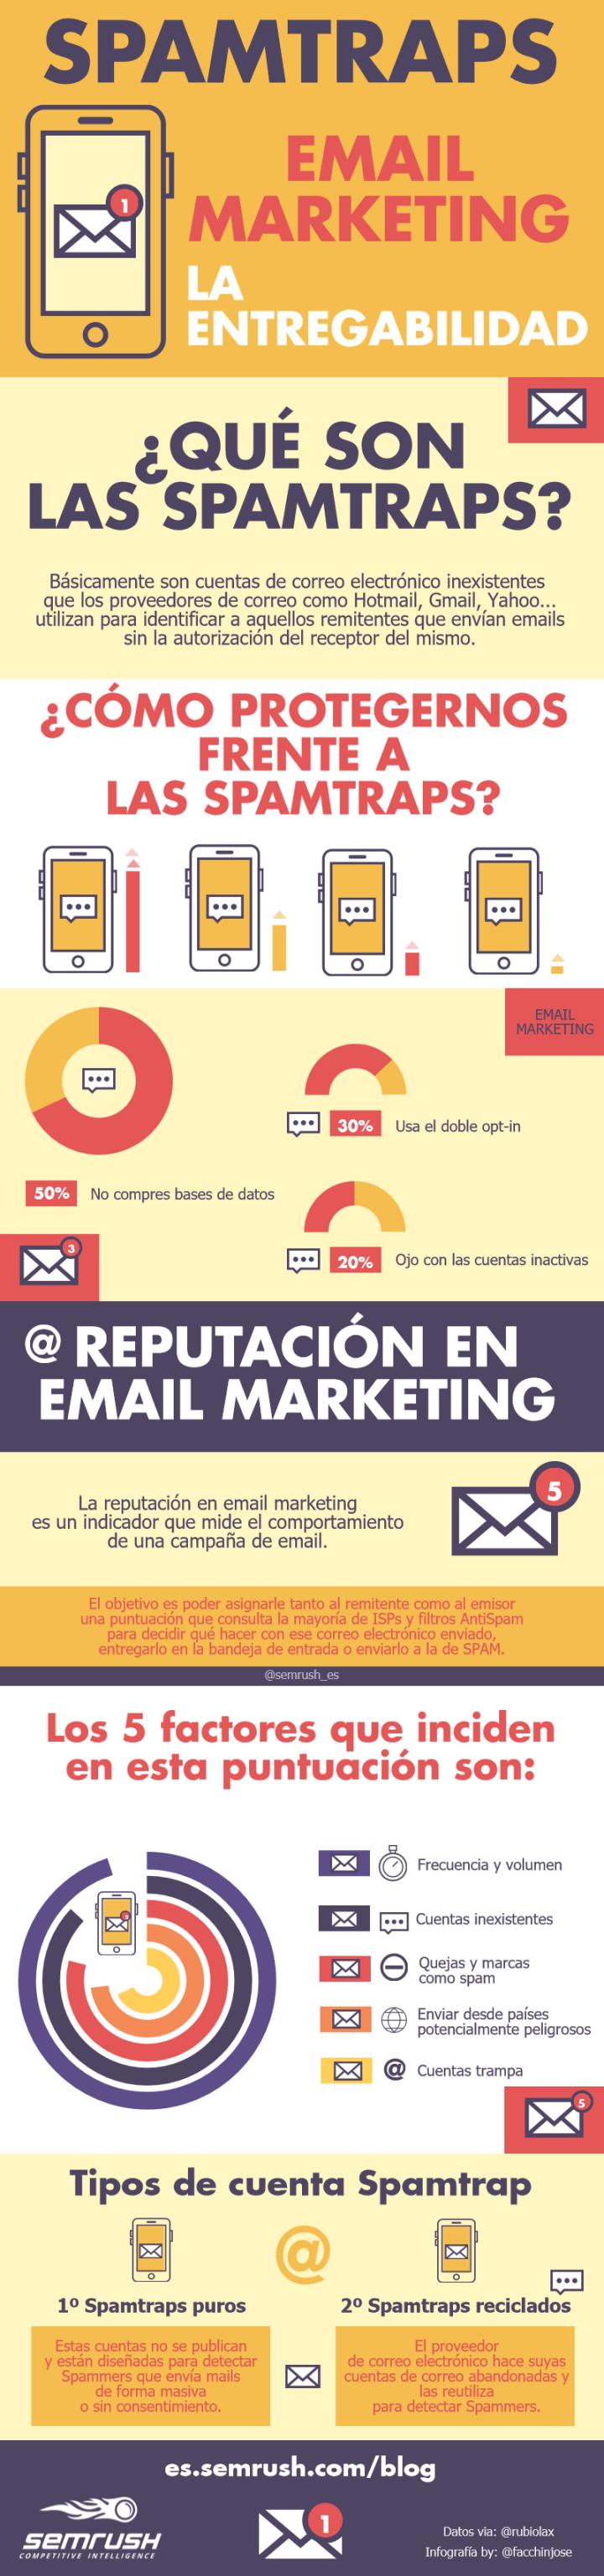 Spamtraps y la entregabilidad en email marketing